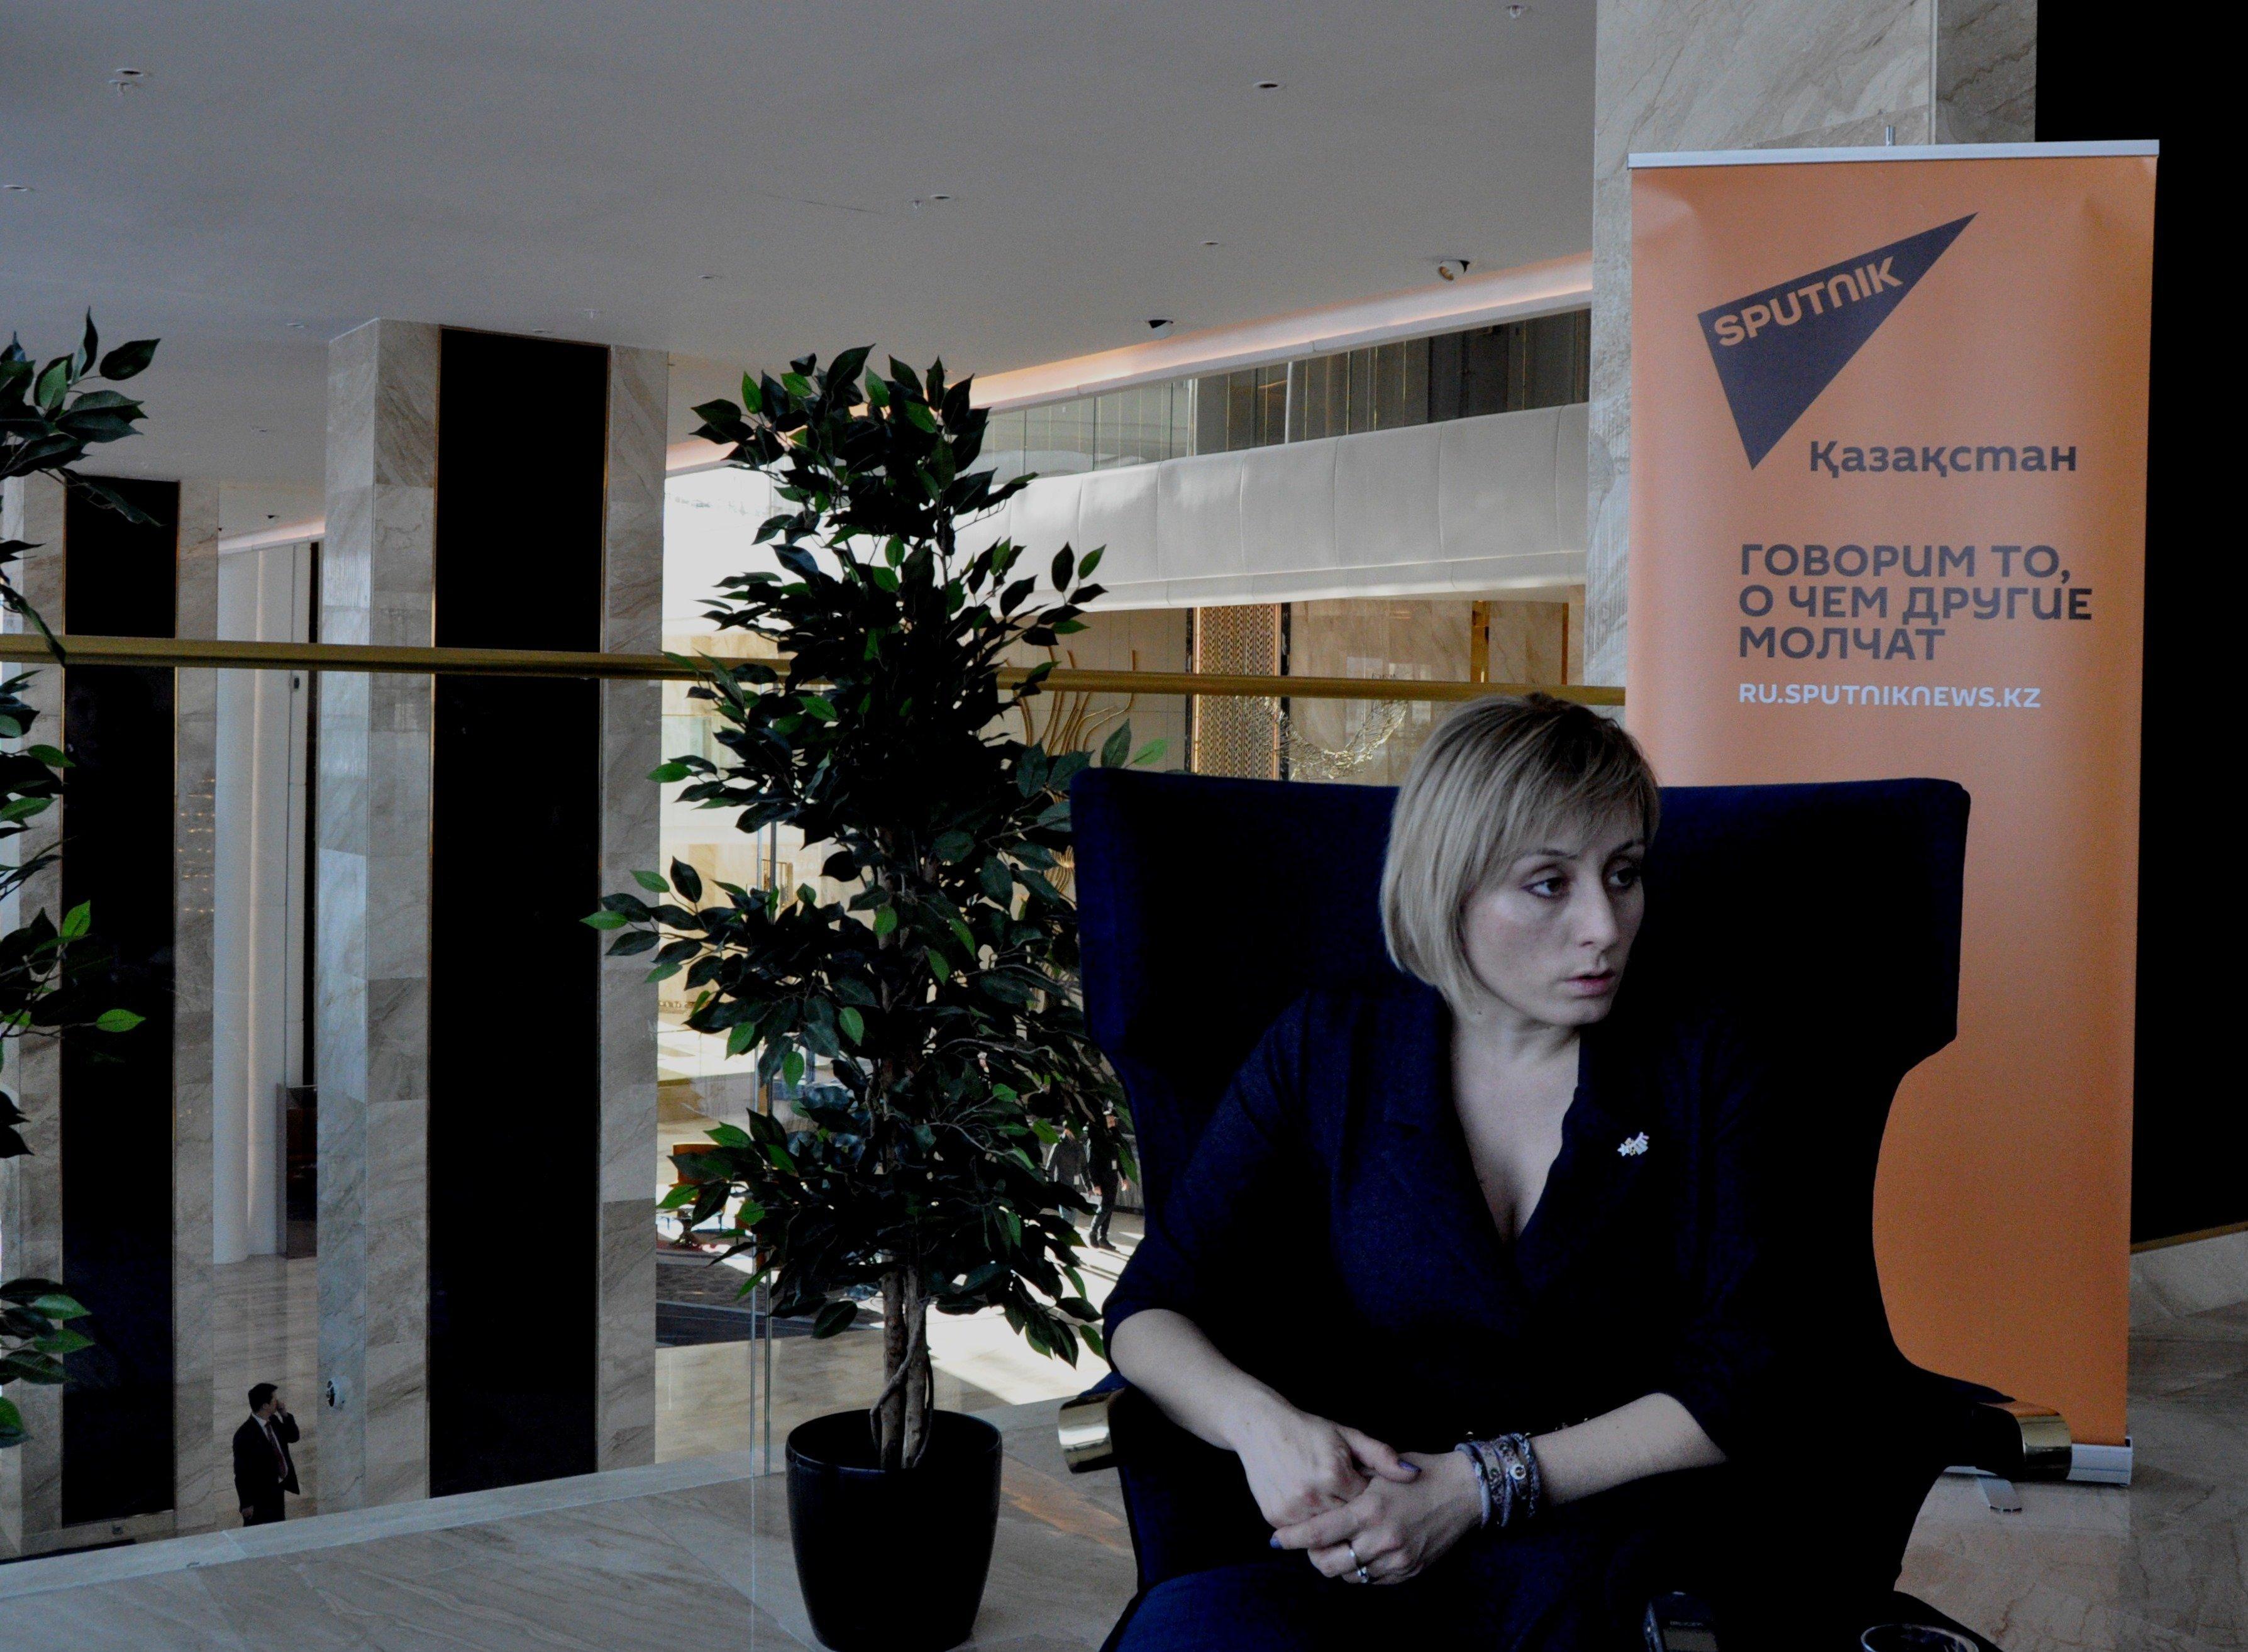 Руководитель фонда Коргау Астана Анна Рыль